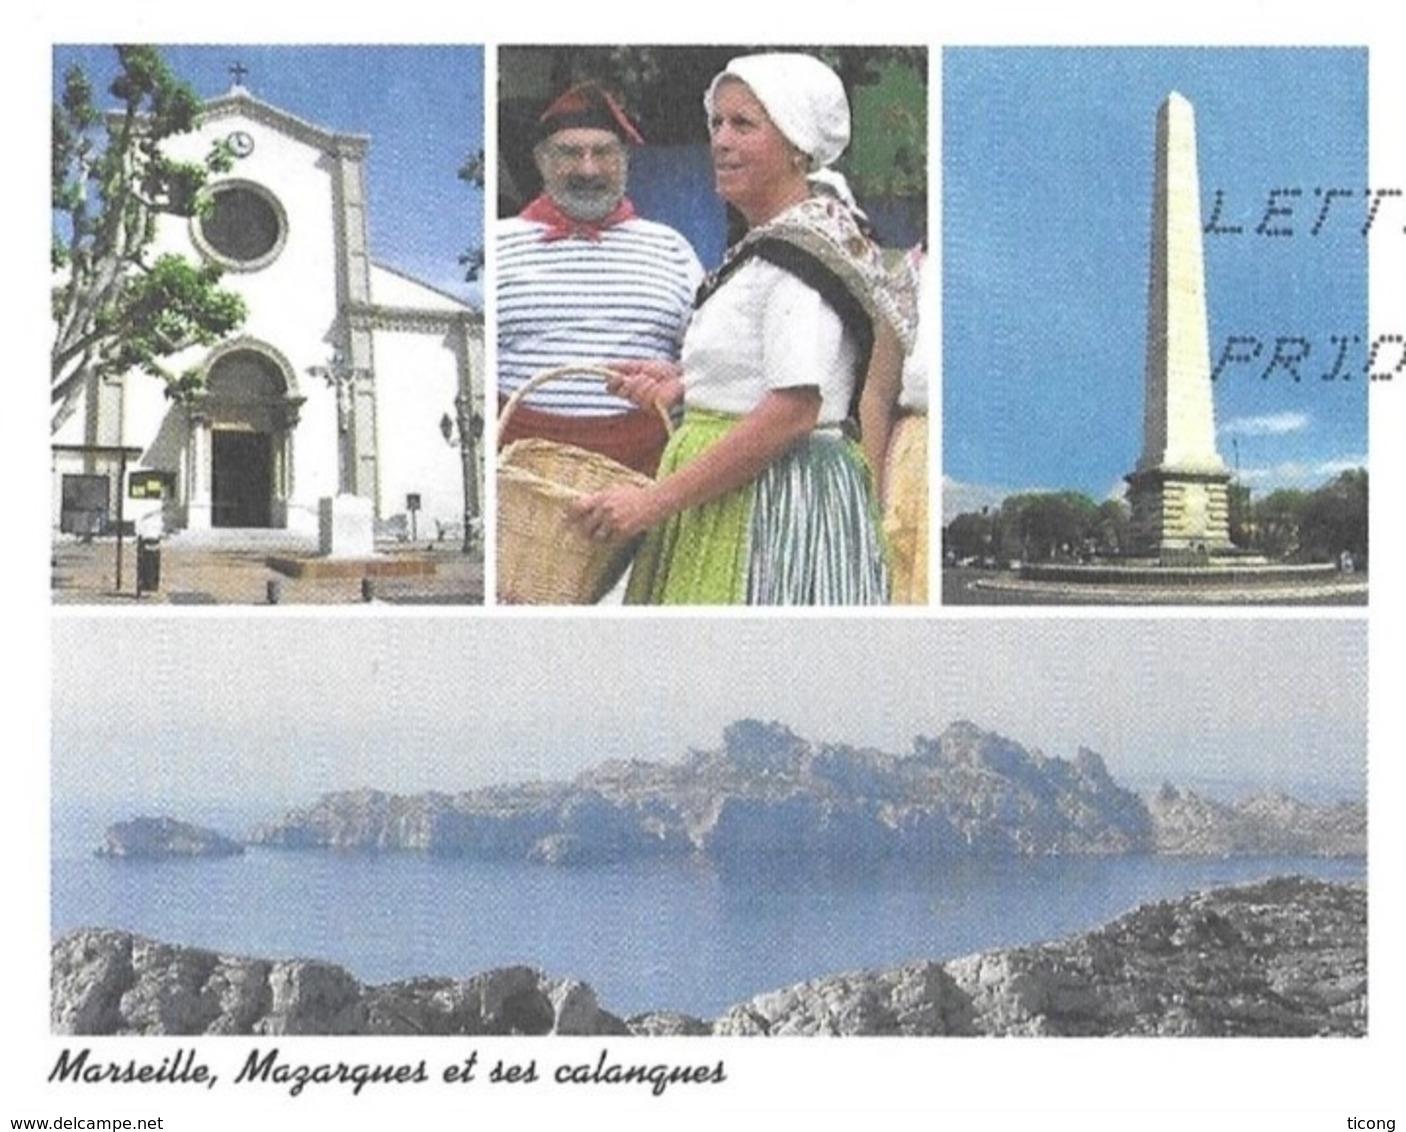 MARSEILLE BOUCHES DU RHONE - LE QUARTIER MAZARQUES, EGLISE, FOLKLORES, MONUMENT, CALANQUE - PAP ENTIER POSTAL 2008 - Ferien & Tourismus